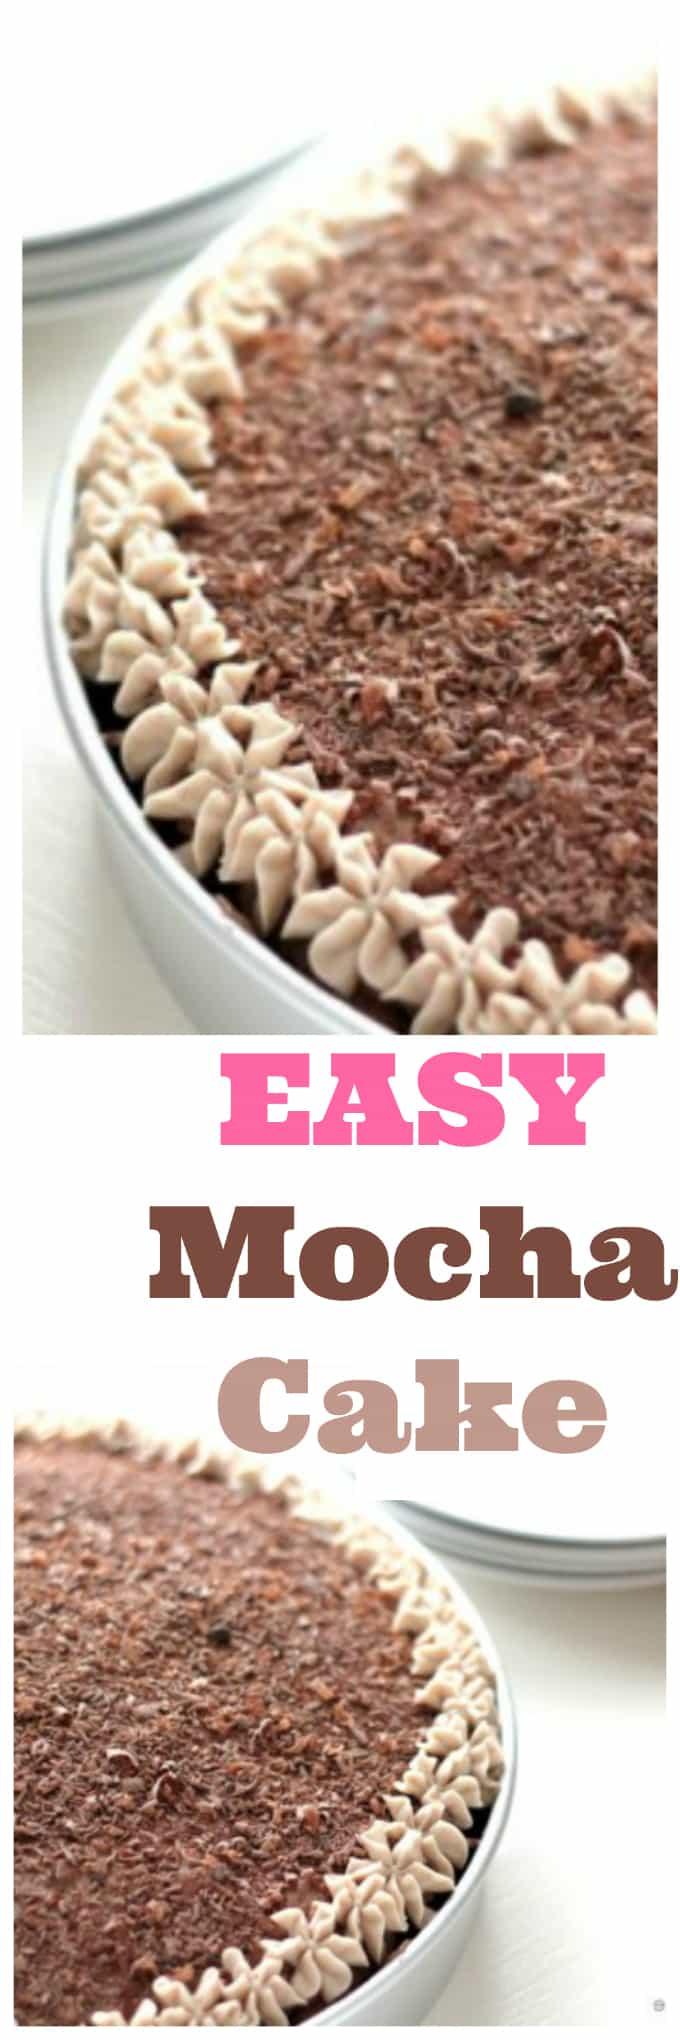 easy mocha cake @createdbydiane